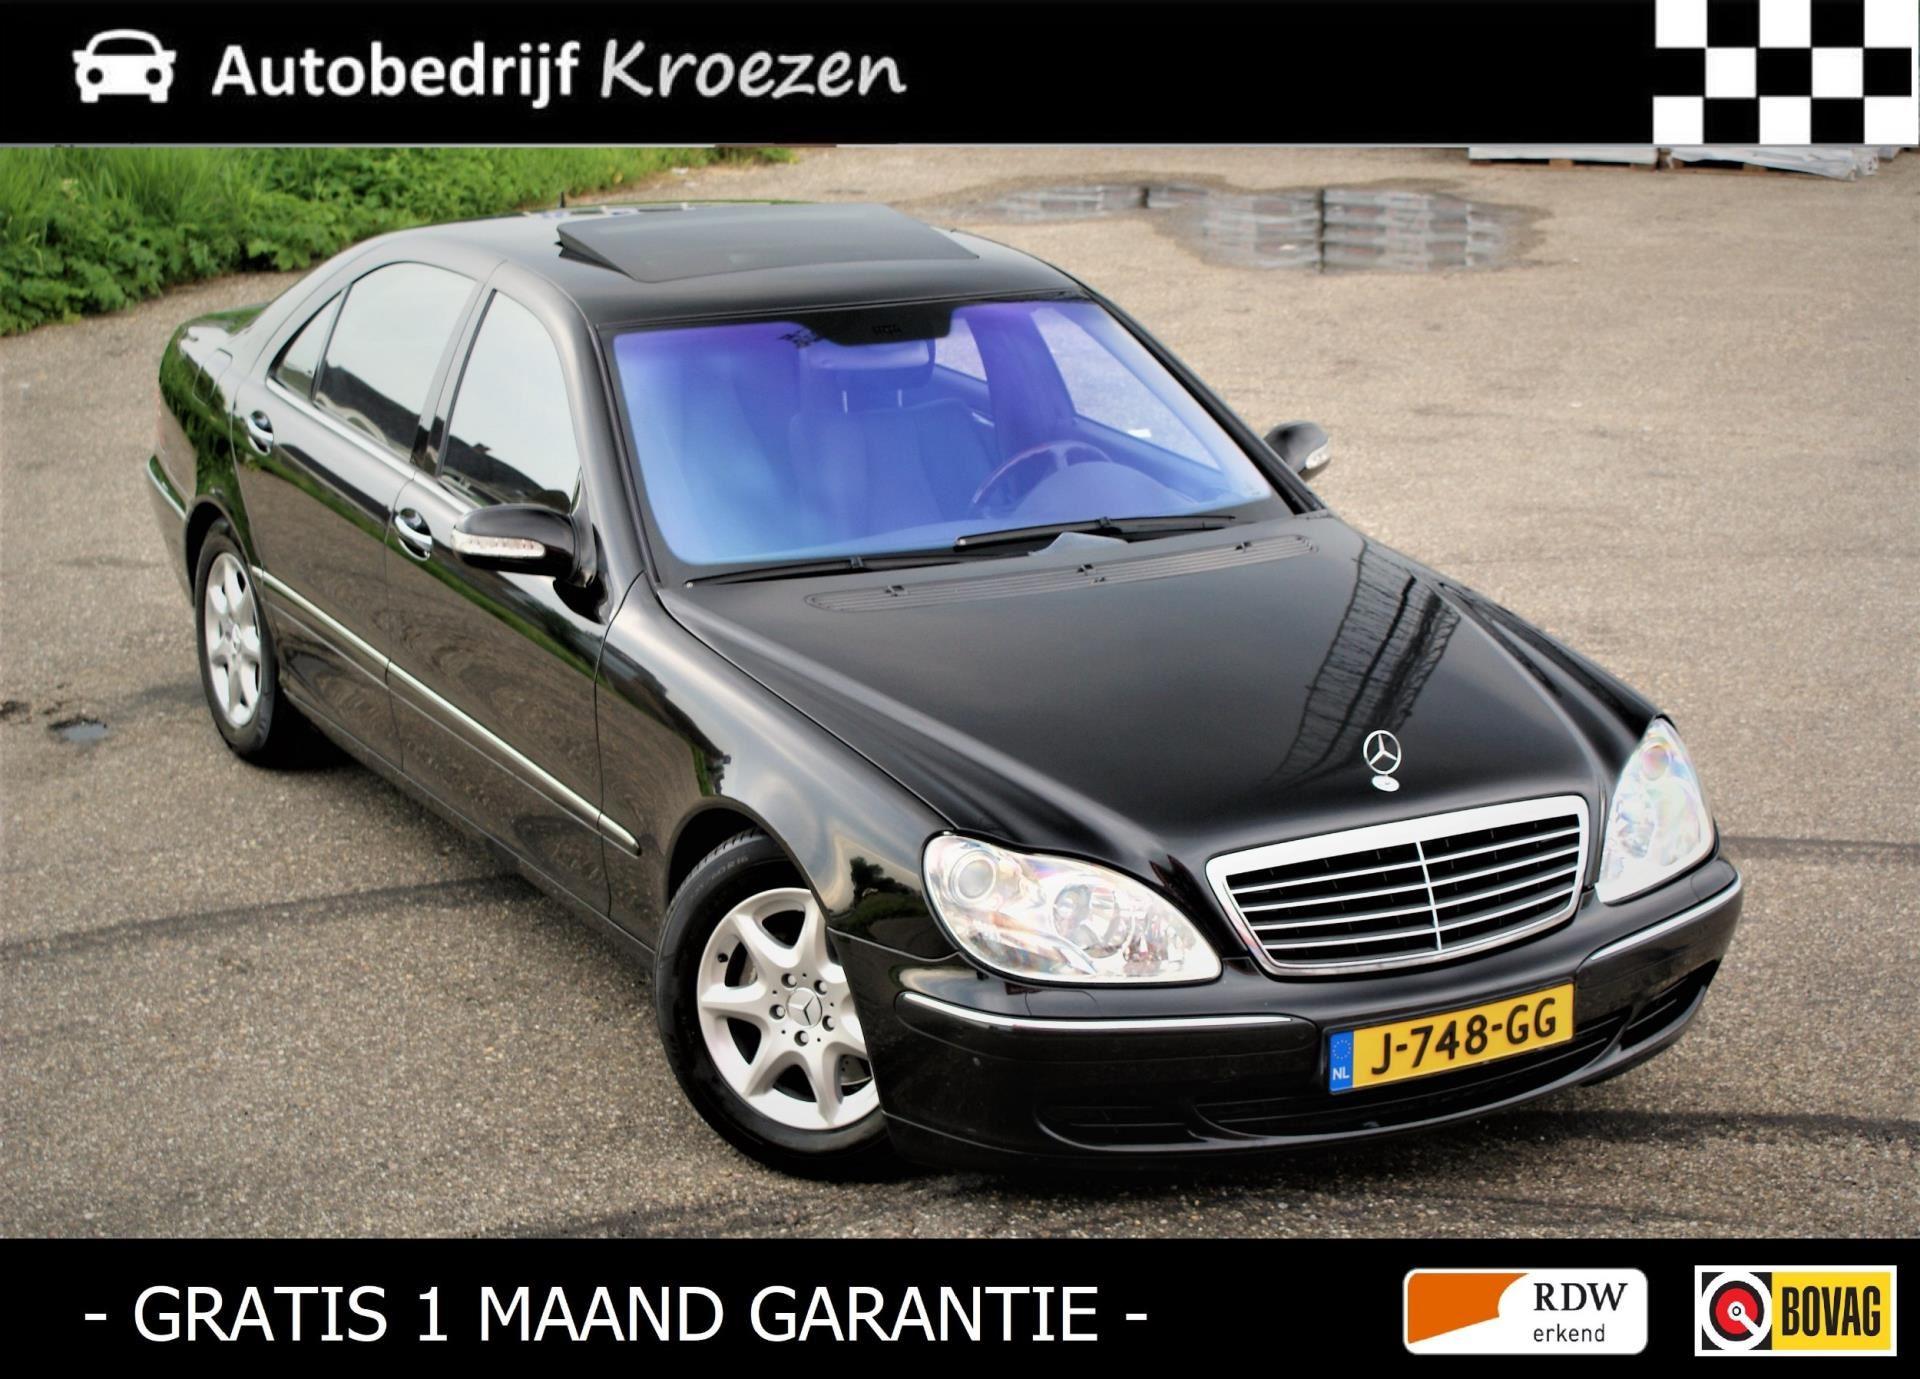 Mercedes-Benz S-klasse occasion - Autobedrijf Kroezen